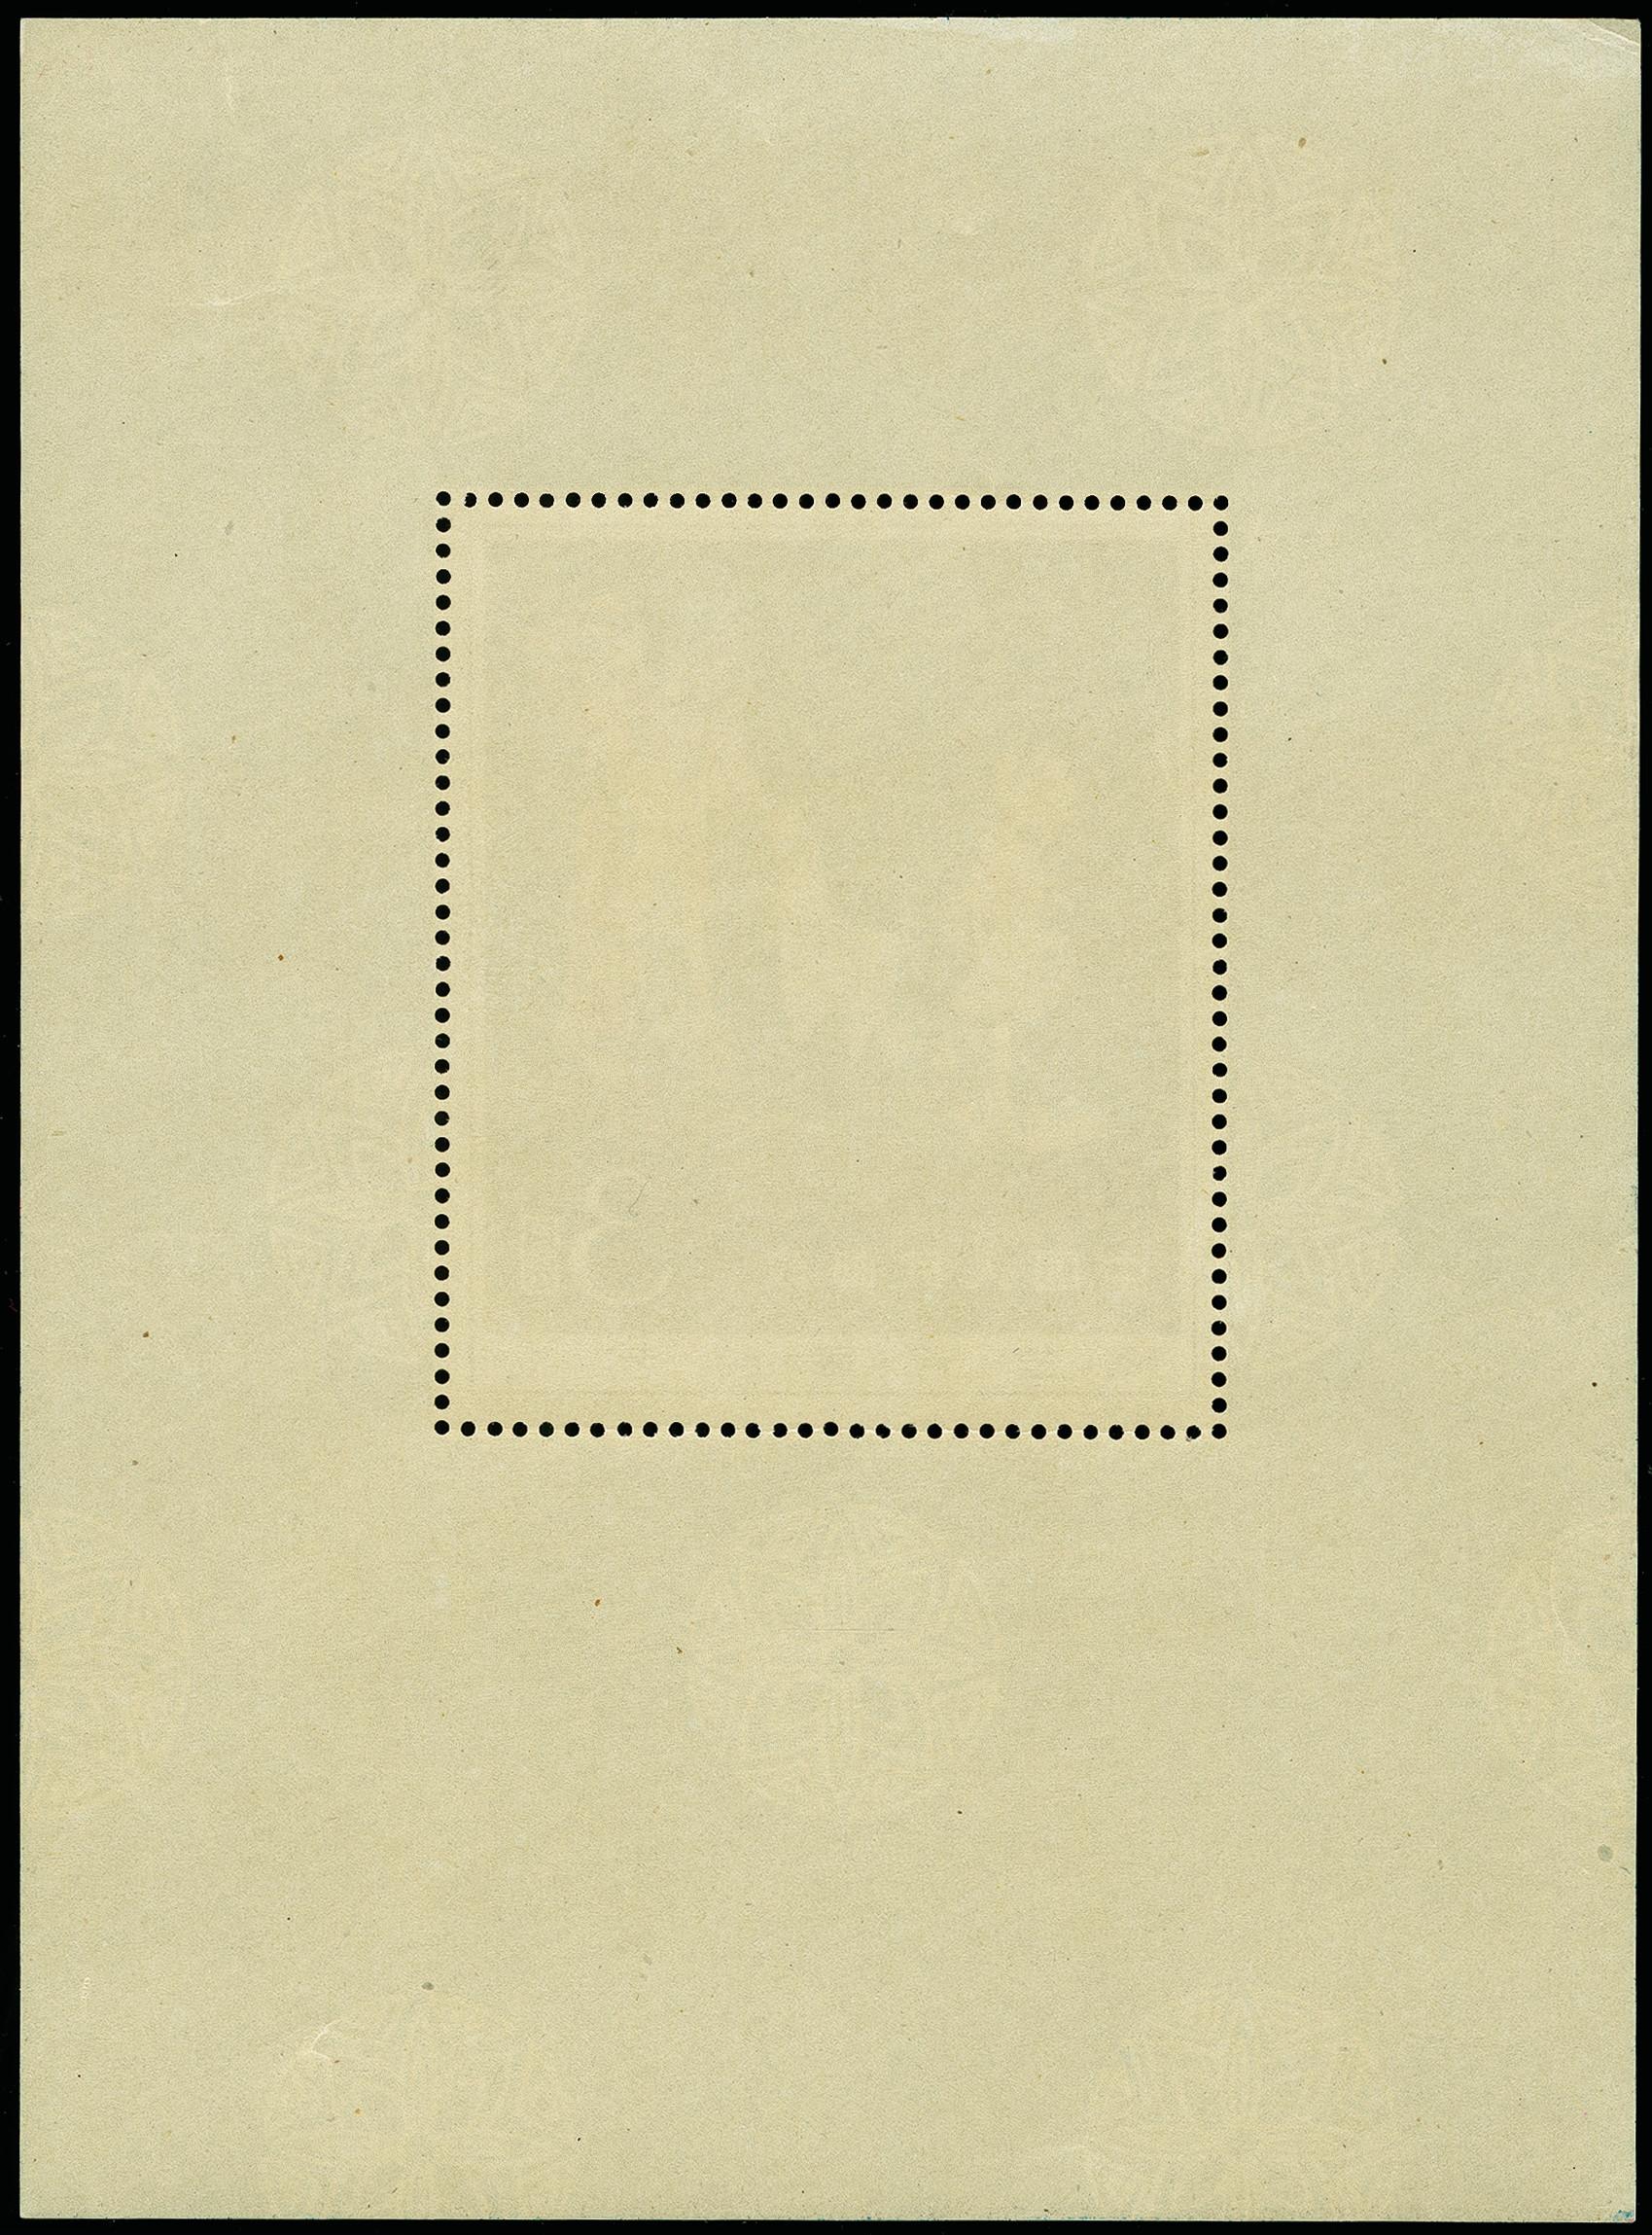 Lot 2139 - übersee People's Republic of China -  Heinrich Koehler Auktionen 375rd Heinrich Köhler auction - Day 1